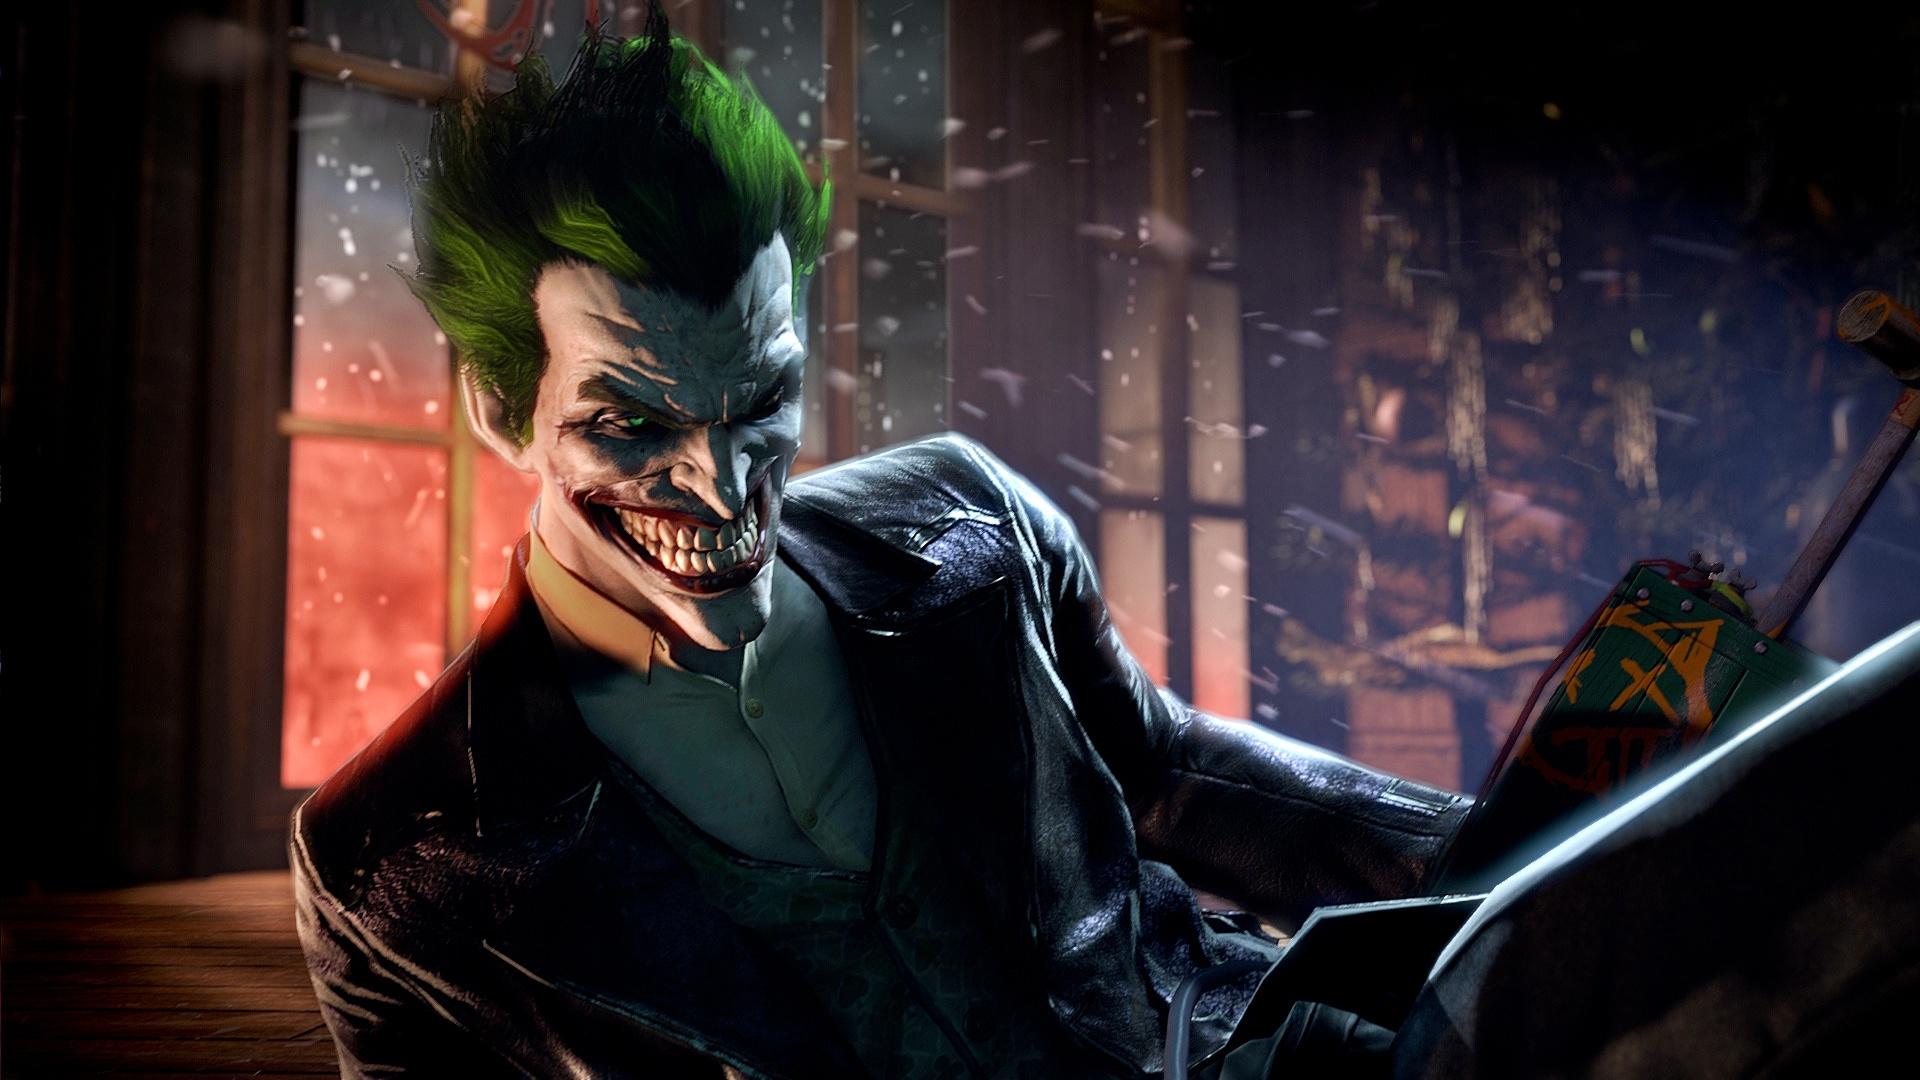 16 minutos de juego de Batman Arkham Origins, nos introducen a la baticueva, gadgets y combate [Vídeo]